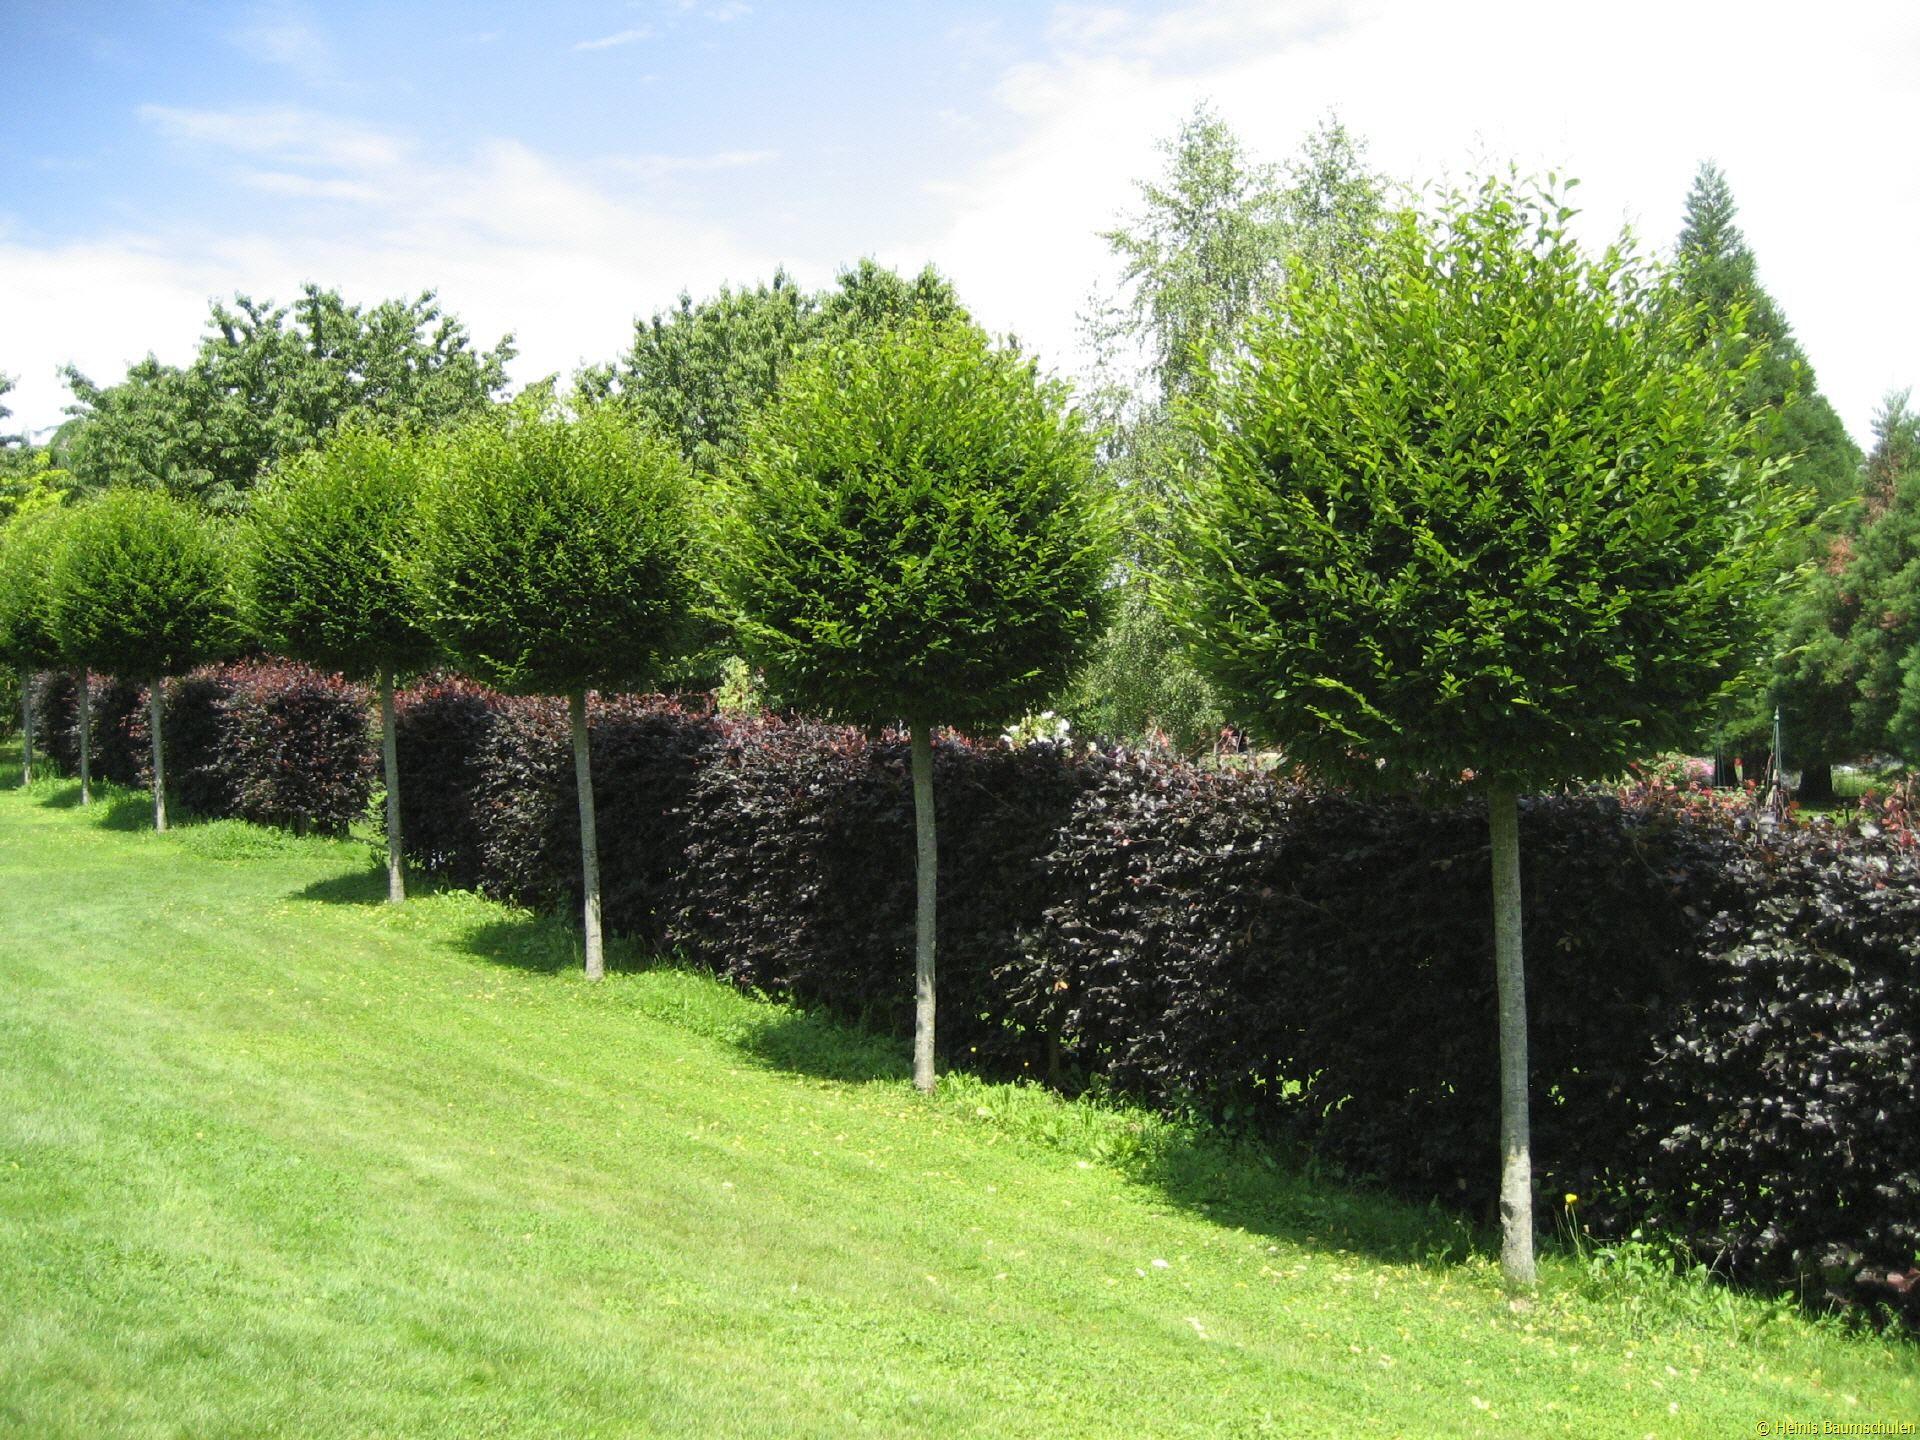 carpinus betulus fastigiata 1 1 920—1 440 Pixel